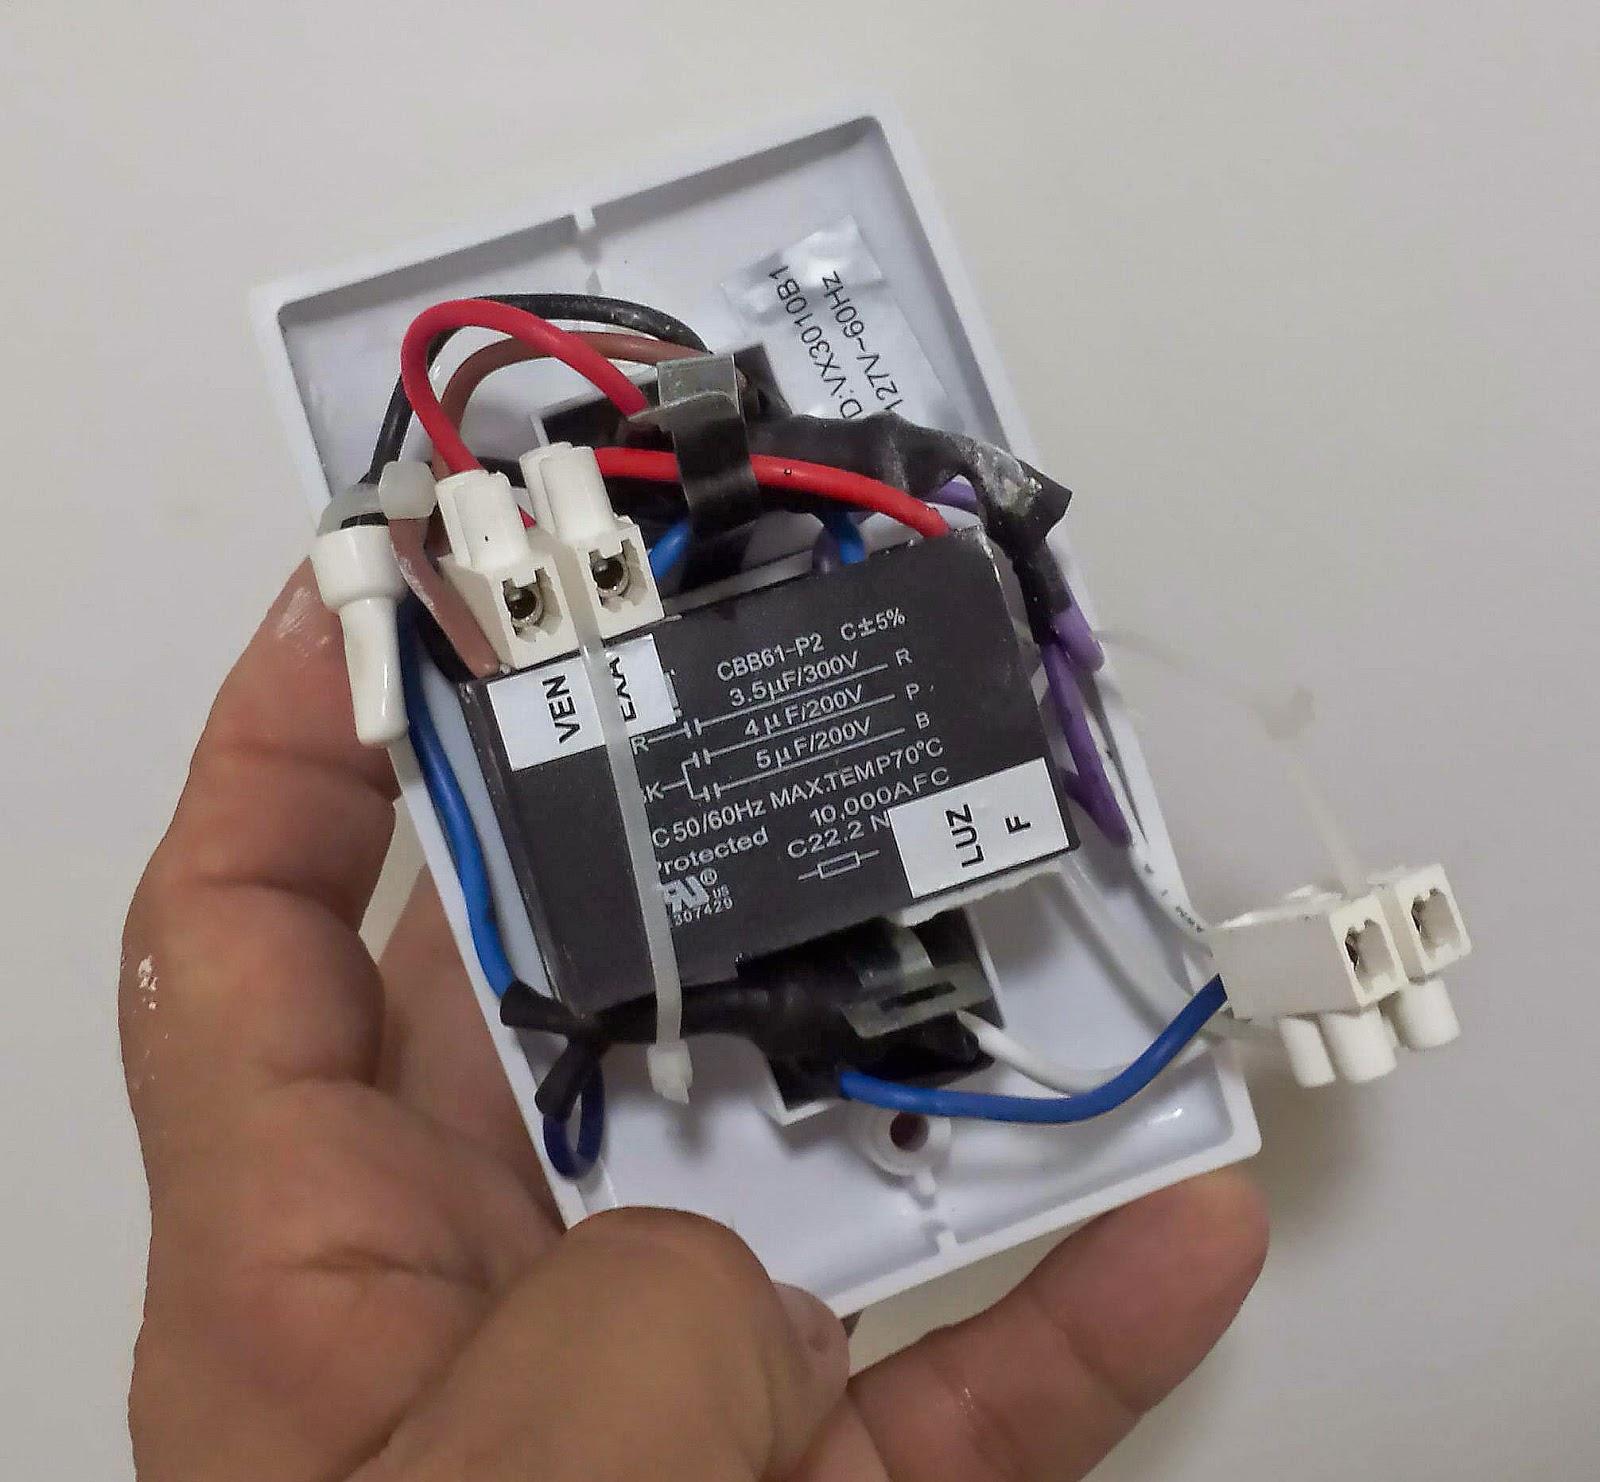 Schema Elettrico Elettrificatore : Circuito eletrico de ventilador teto suporte on line